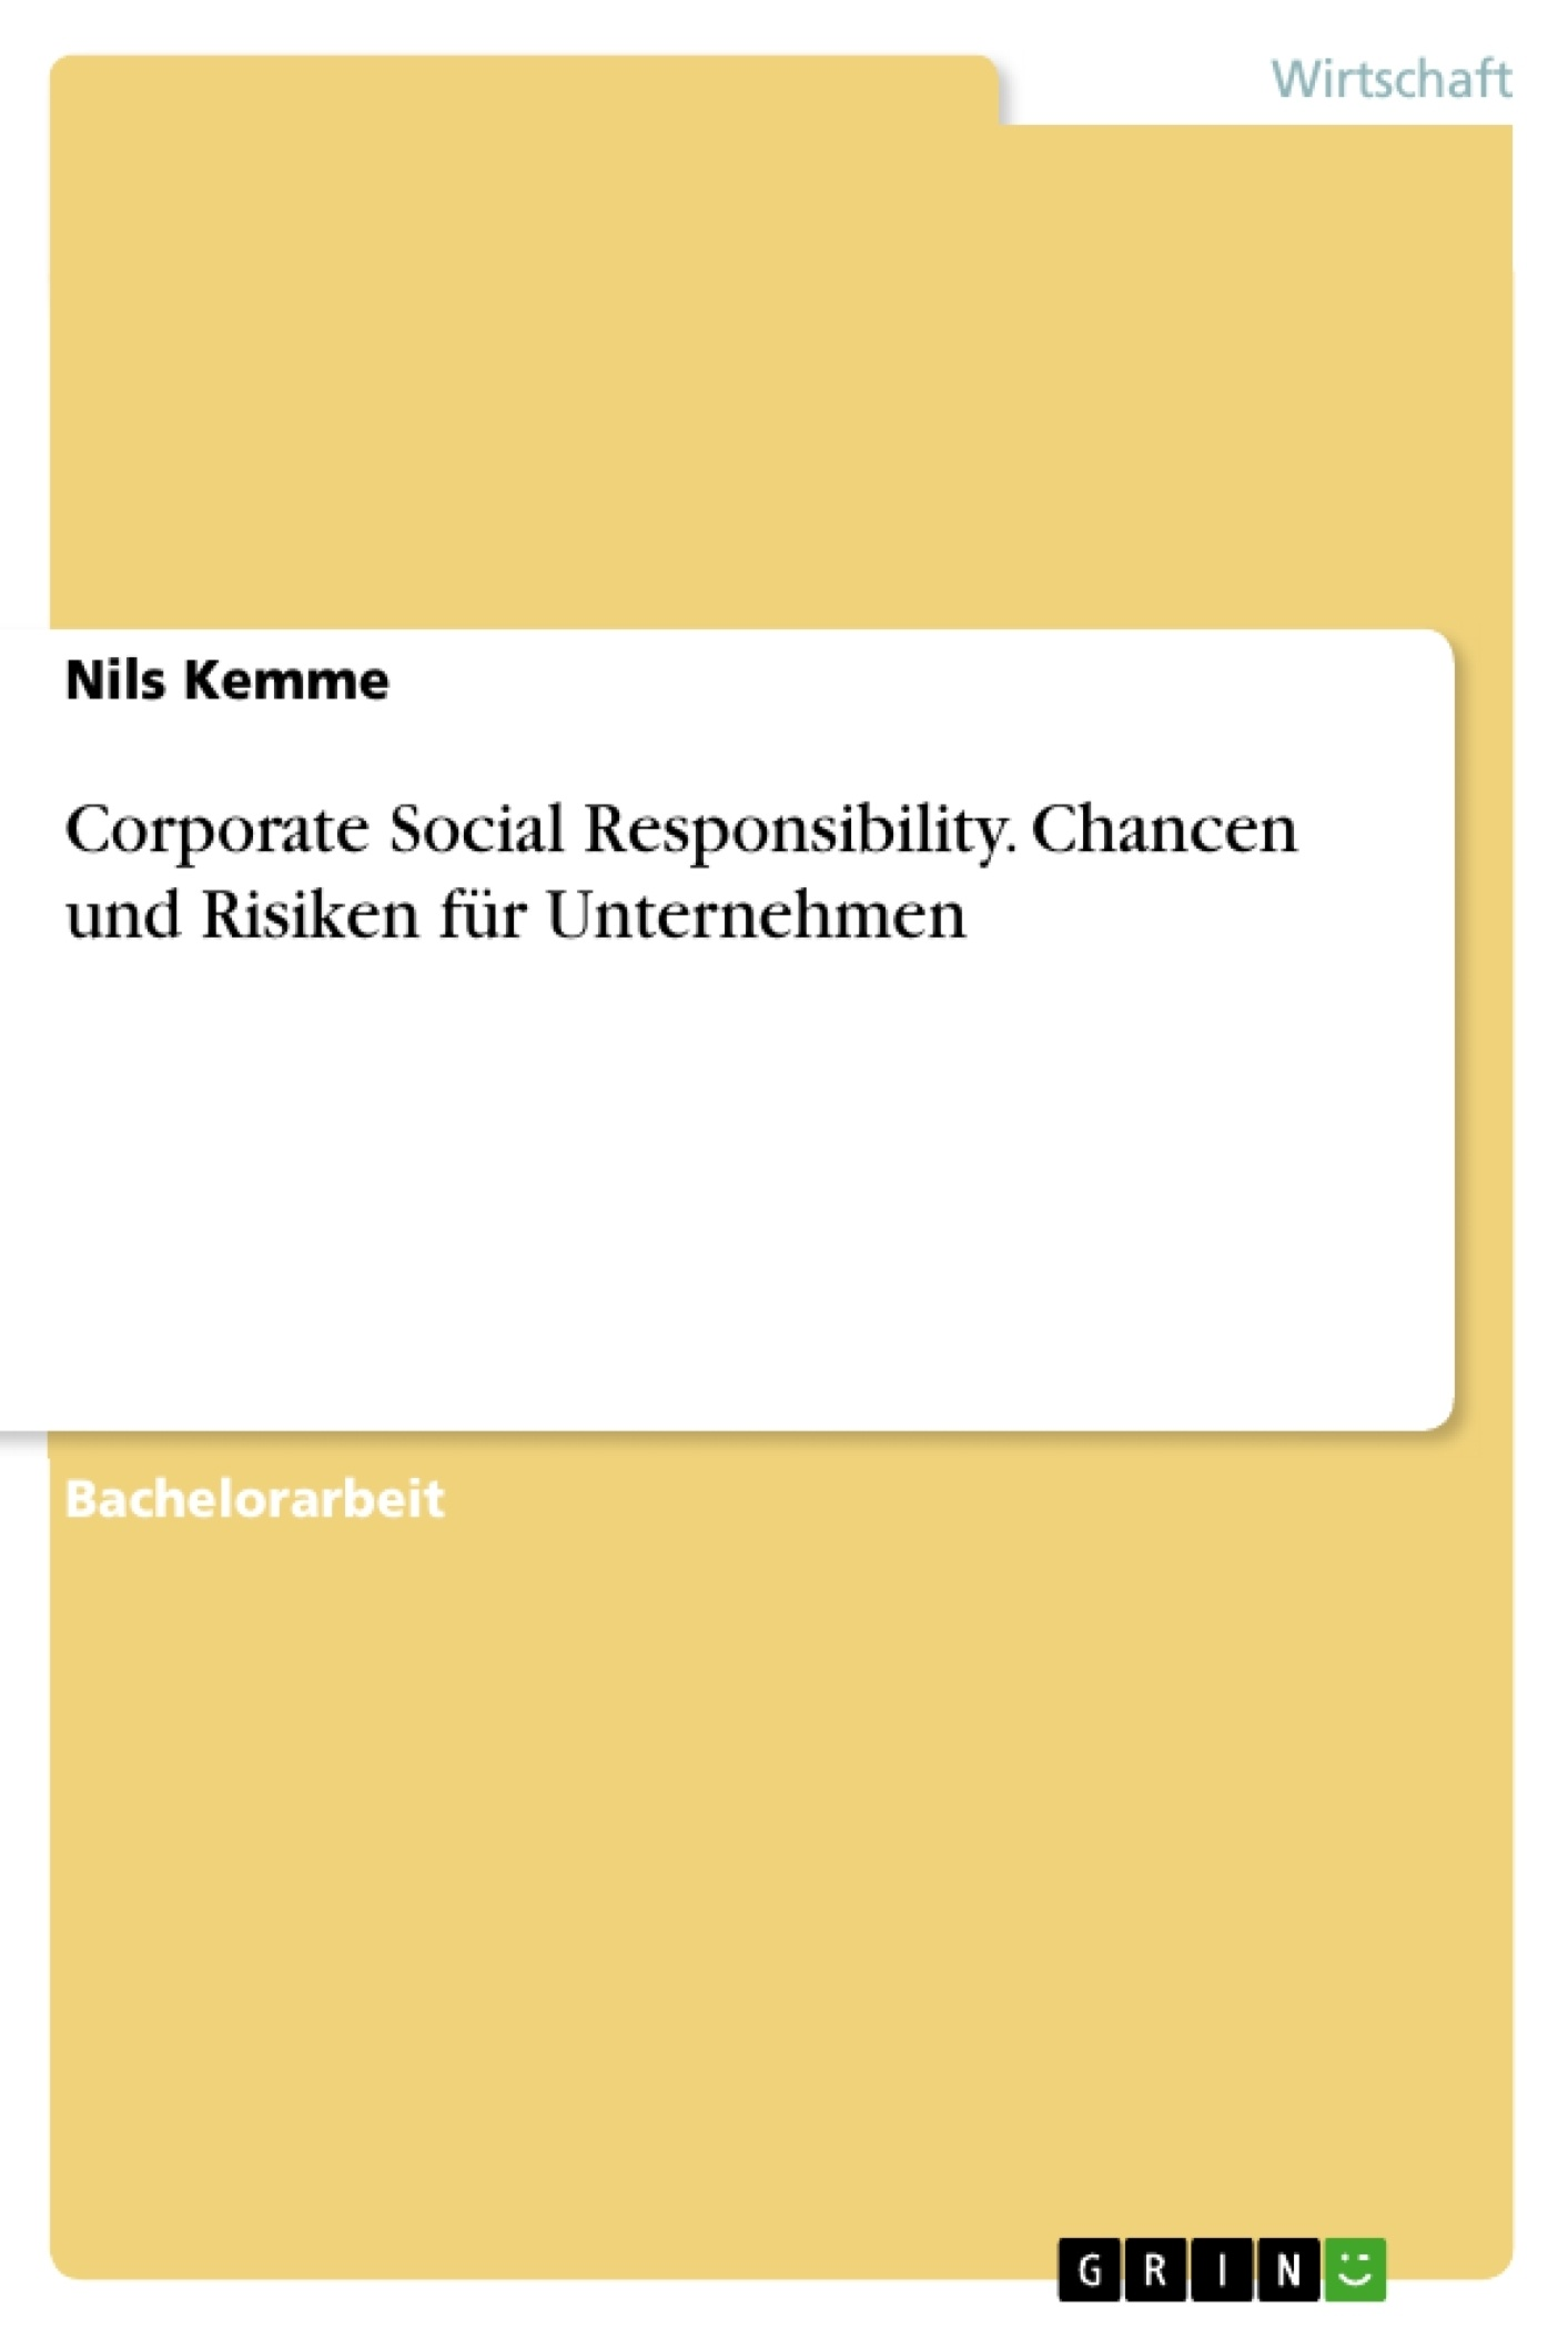 Titel: Corporate Social Responsibility. Chancen und Risiken für Unternehmen